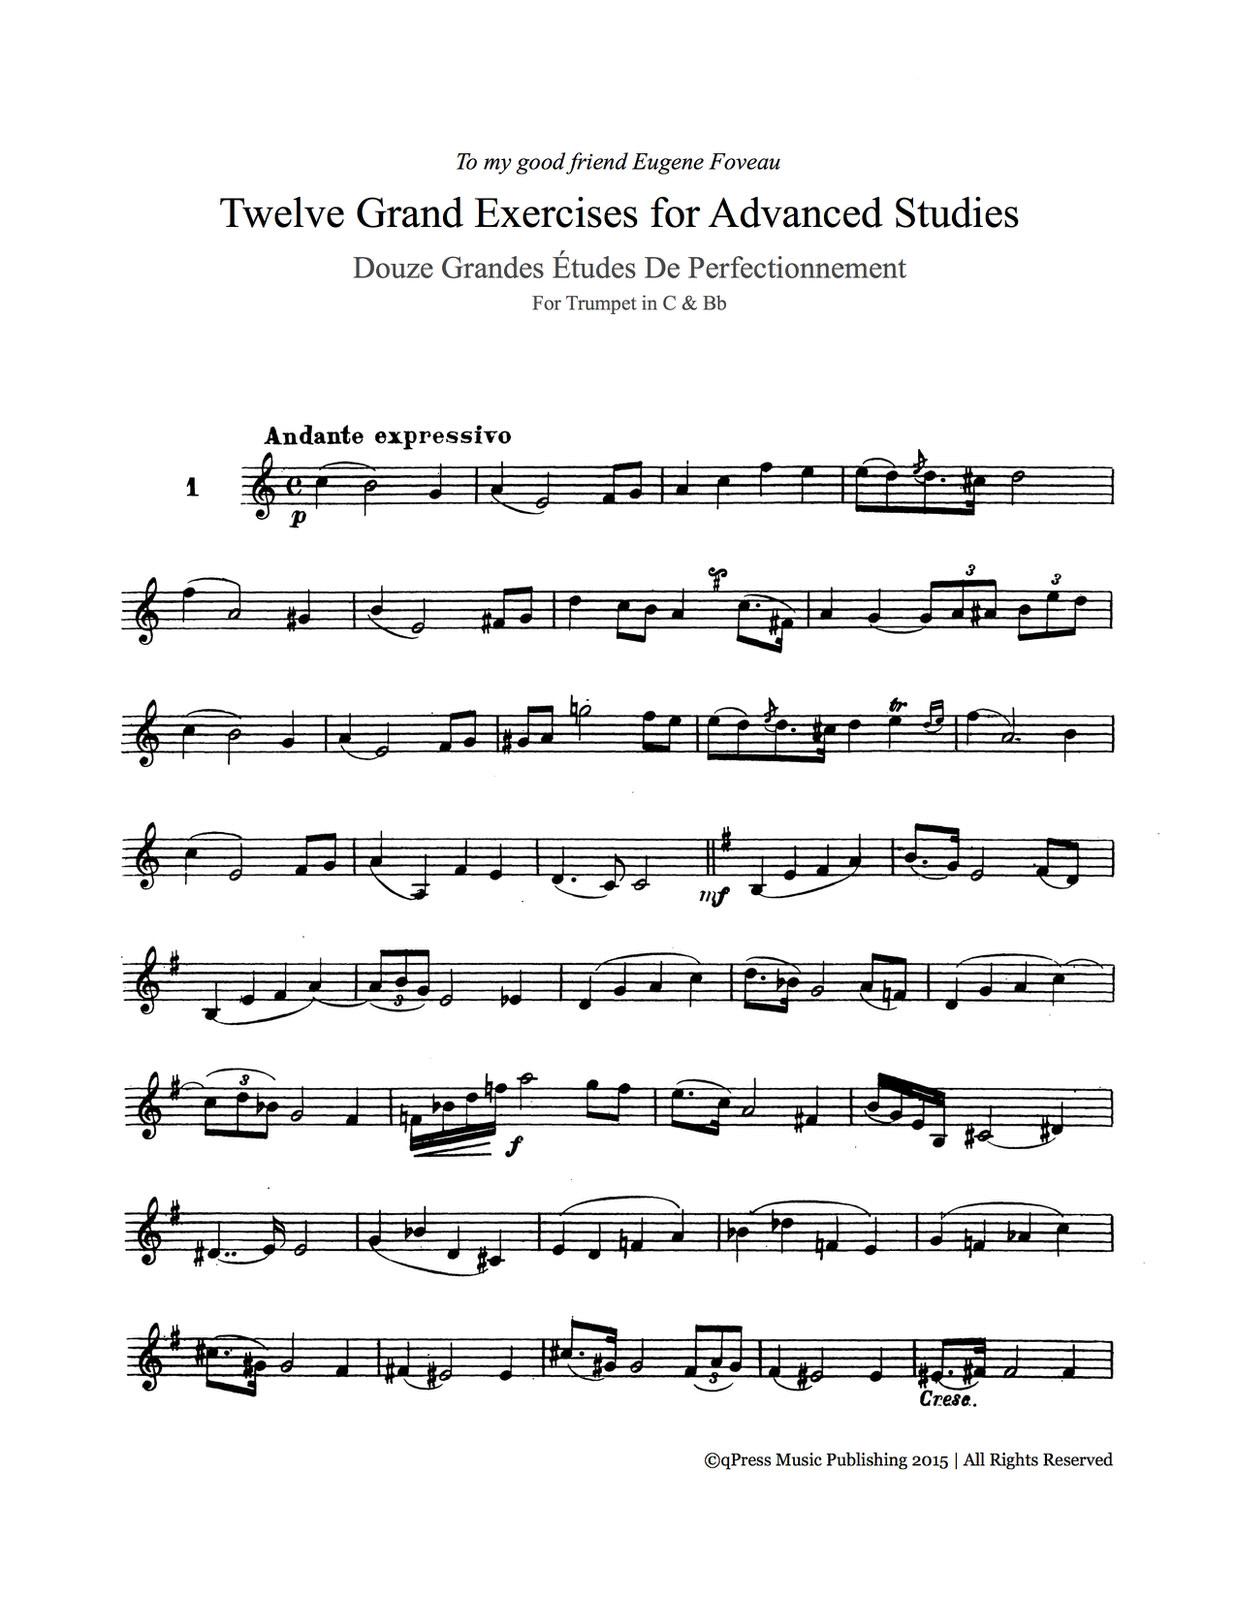 Bizet, 12 Grand Exercises for Advanced Studies 2